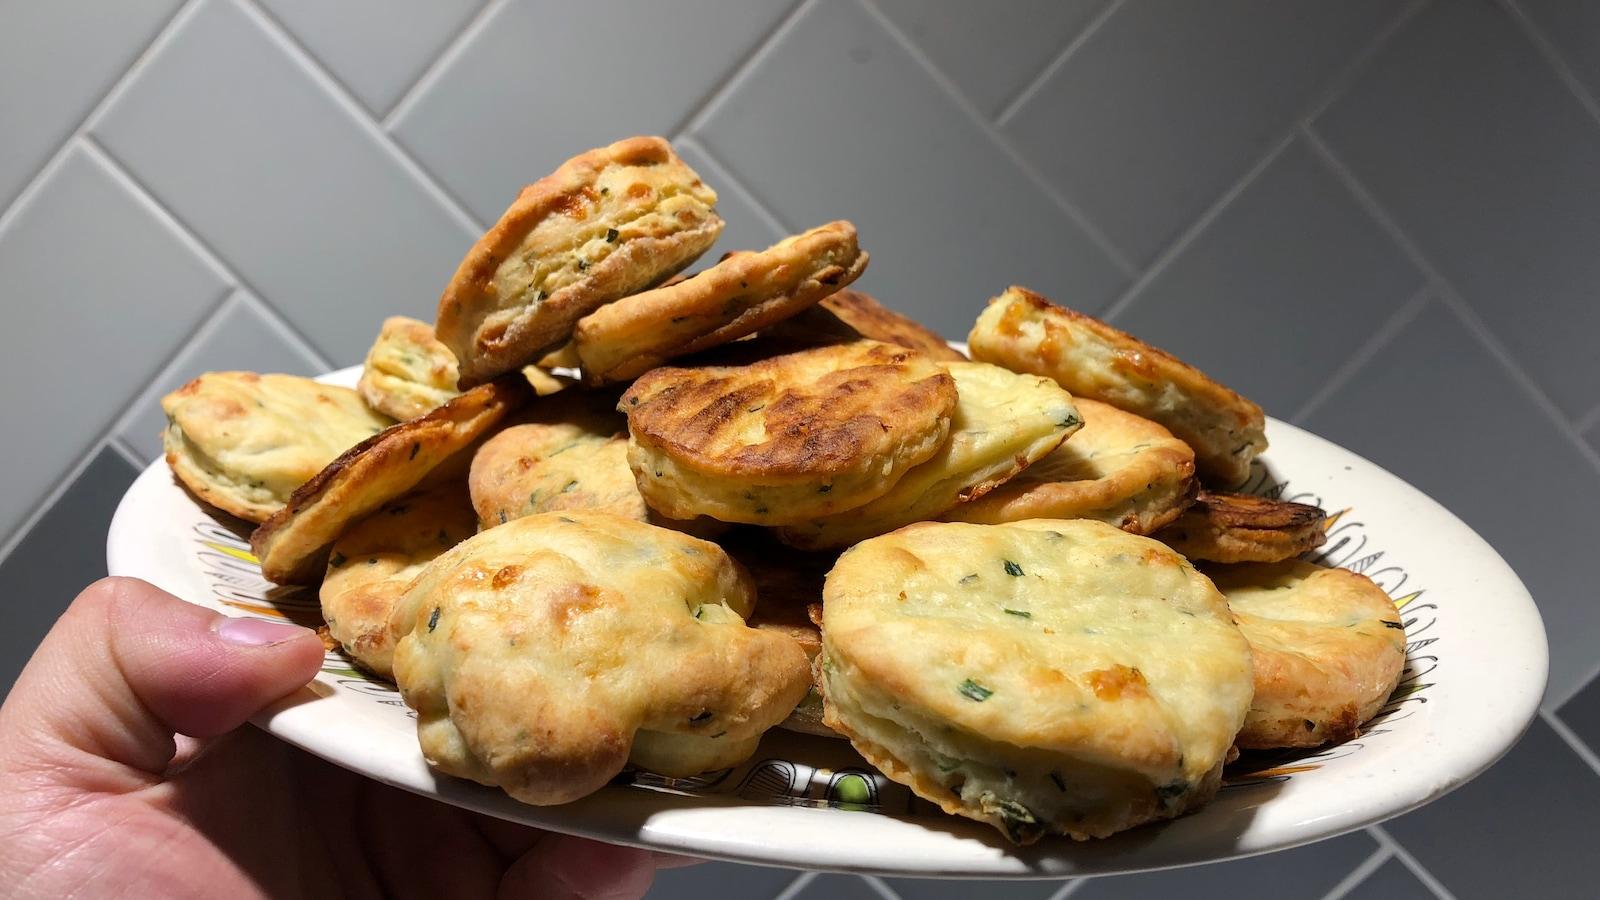 Des scones au fromage et à la ciboulette dans une assiette.